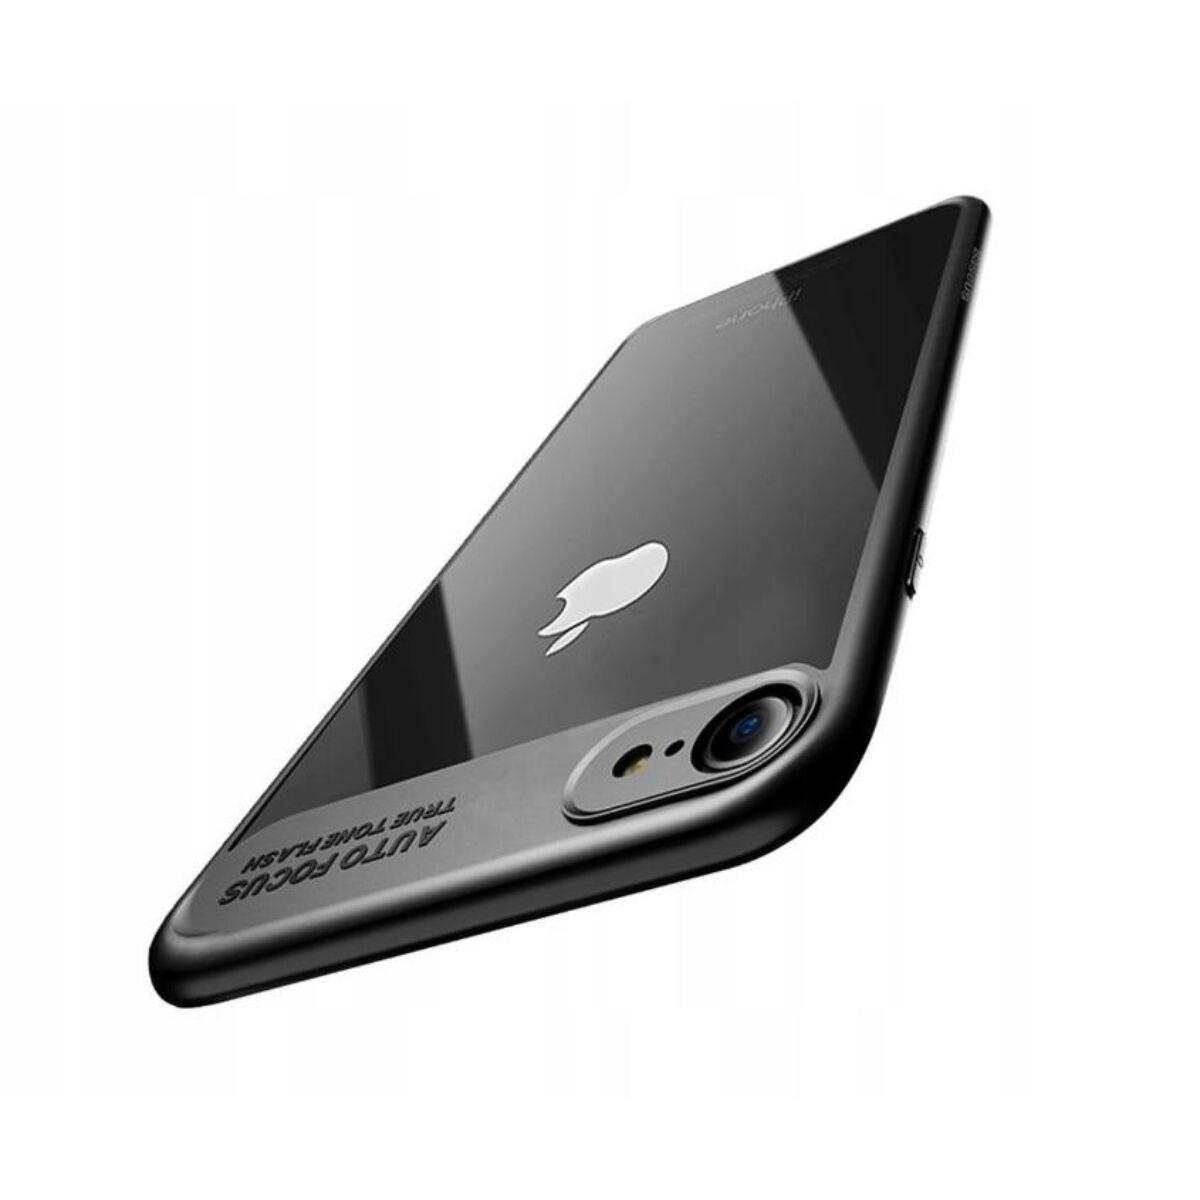 Baseus iPhone 8/7 tok, Sutok, Thin, fekete (WIAPIPH7-SB01)